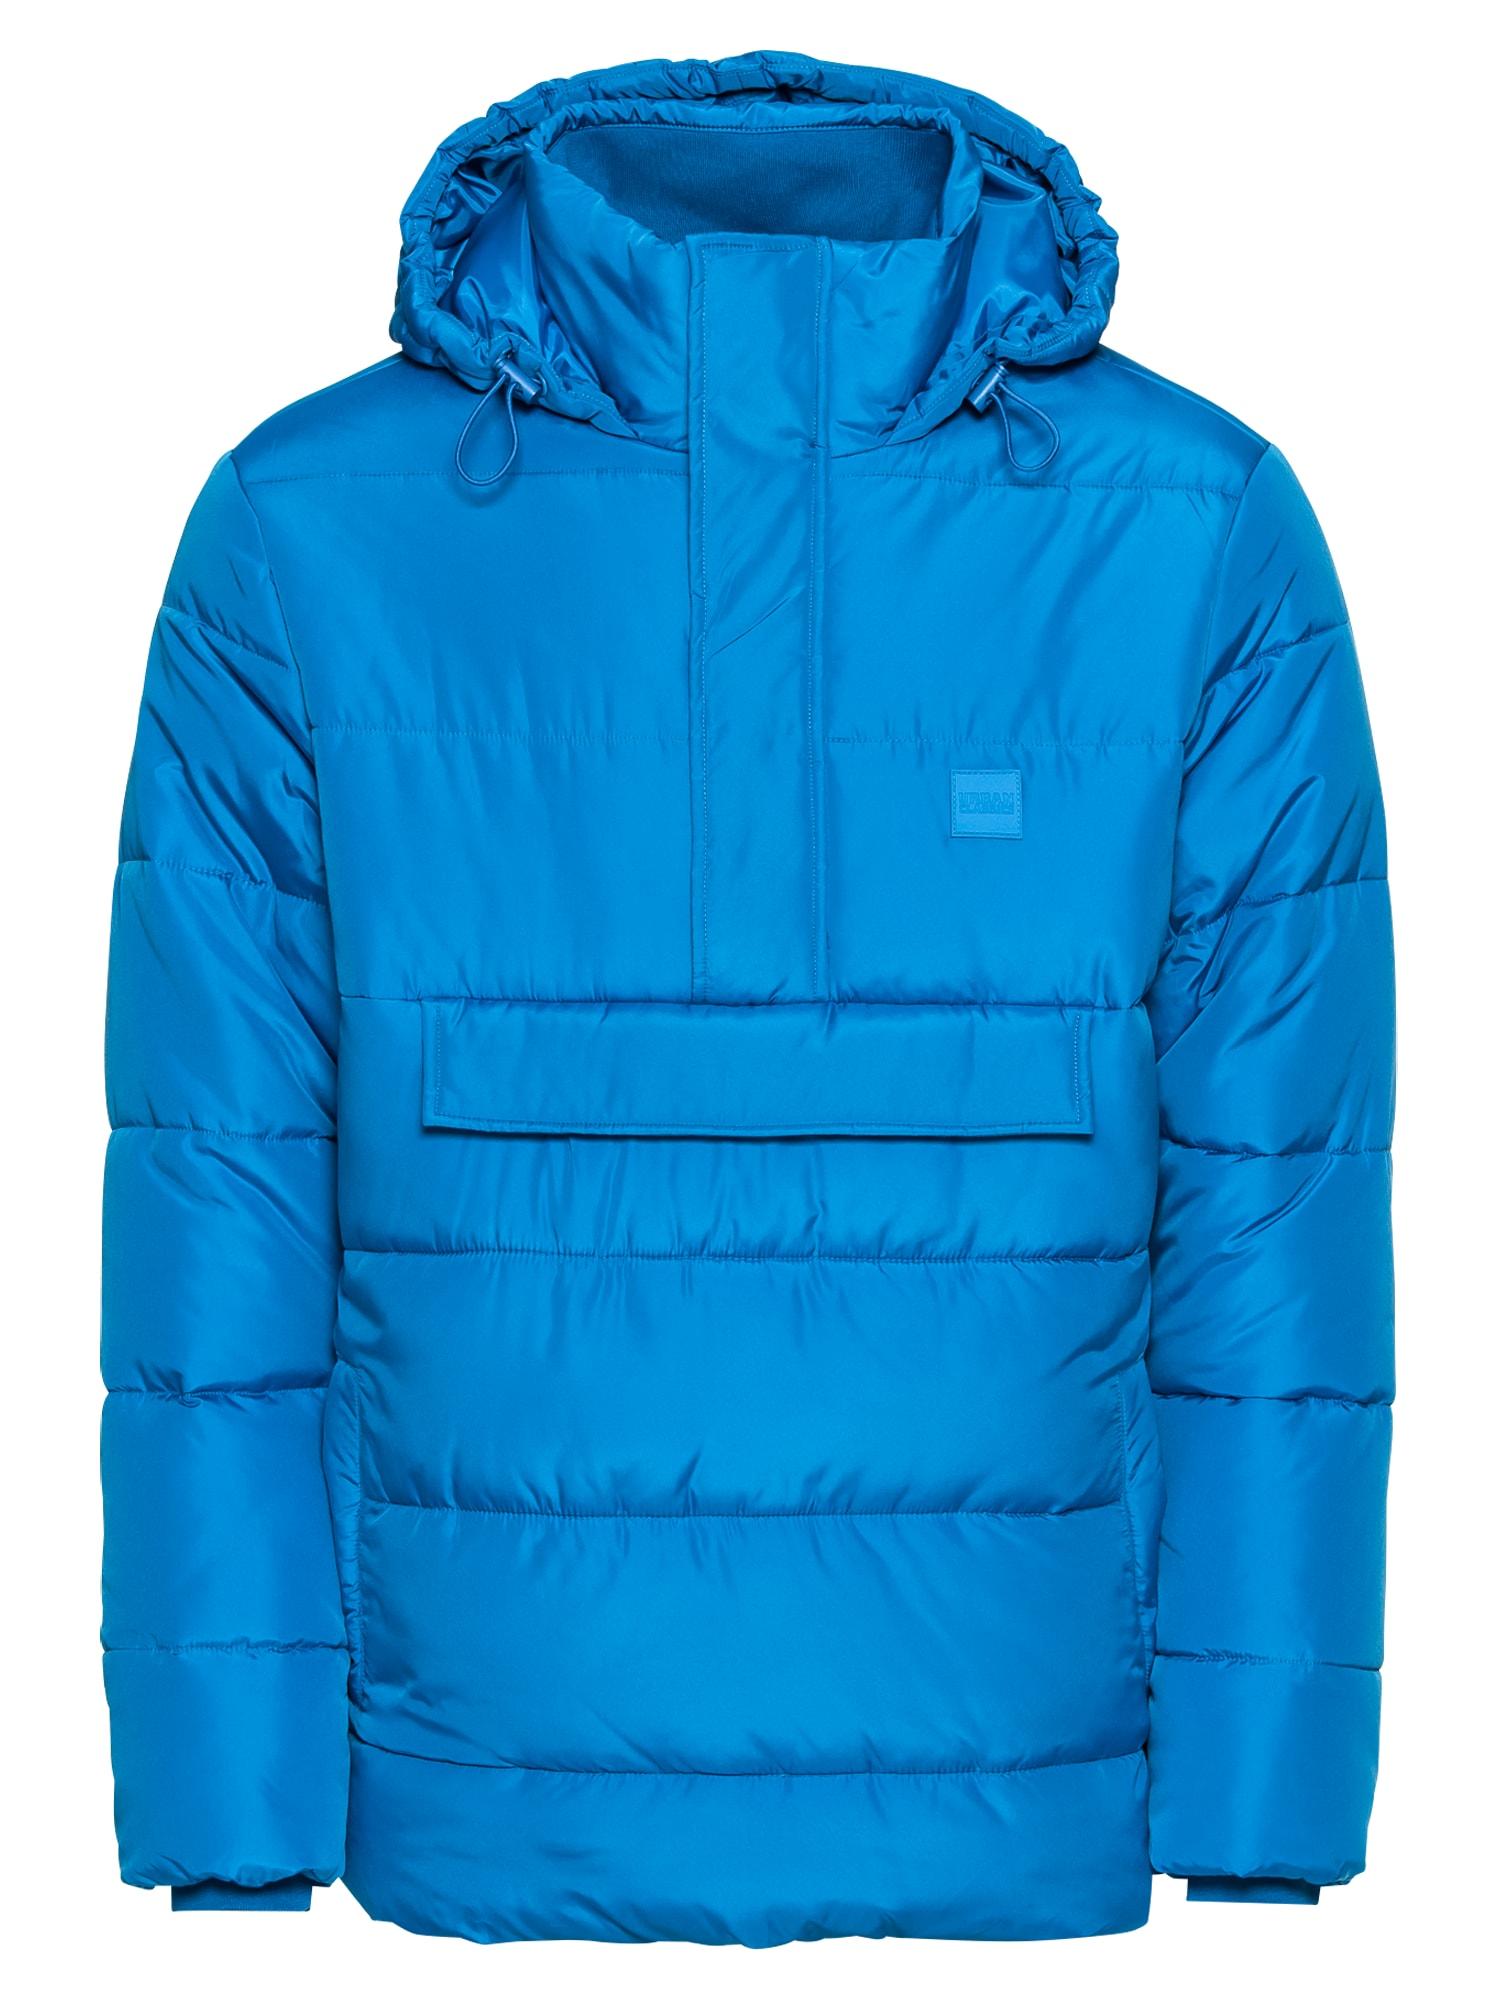 Zimní bunda Pull Over Puffer Jacket královská modrá Urban Classics